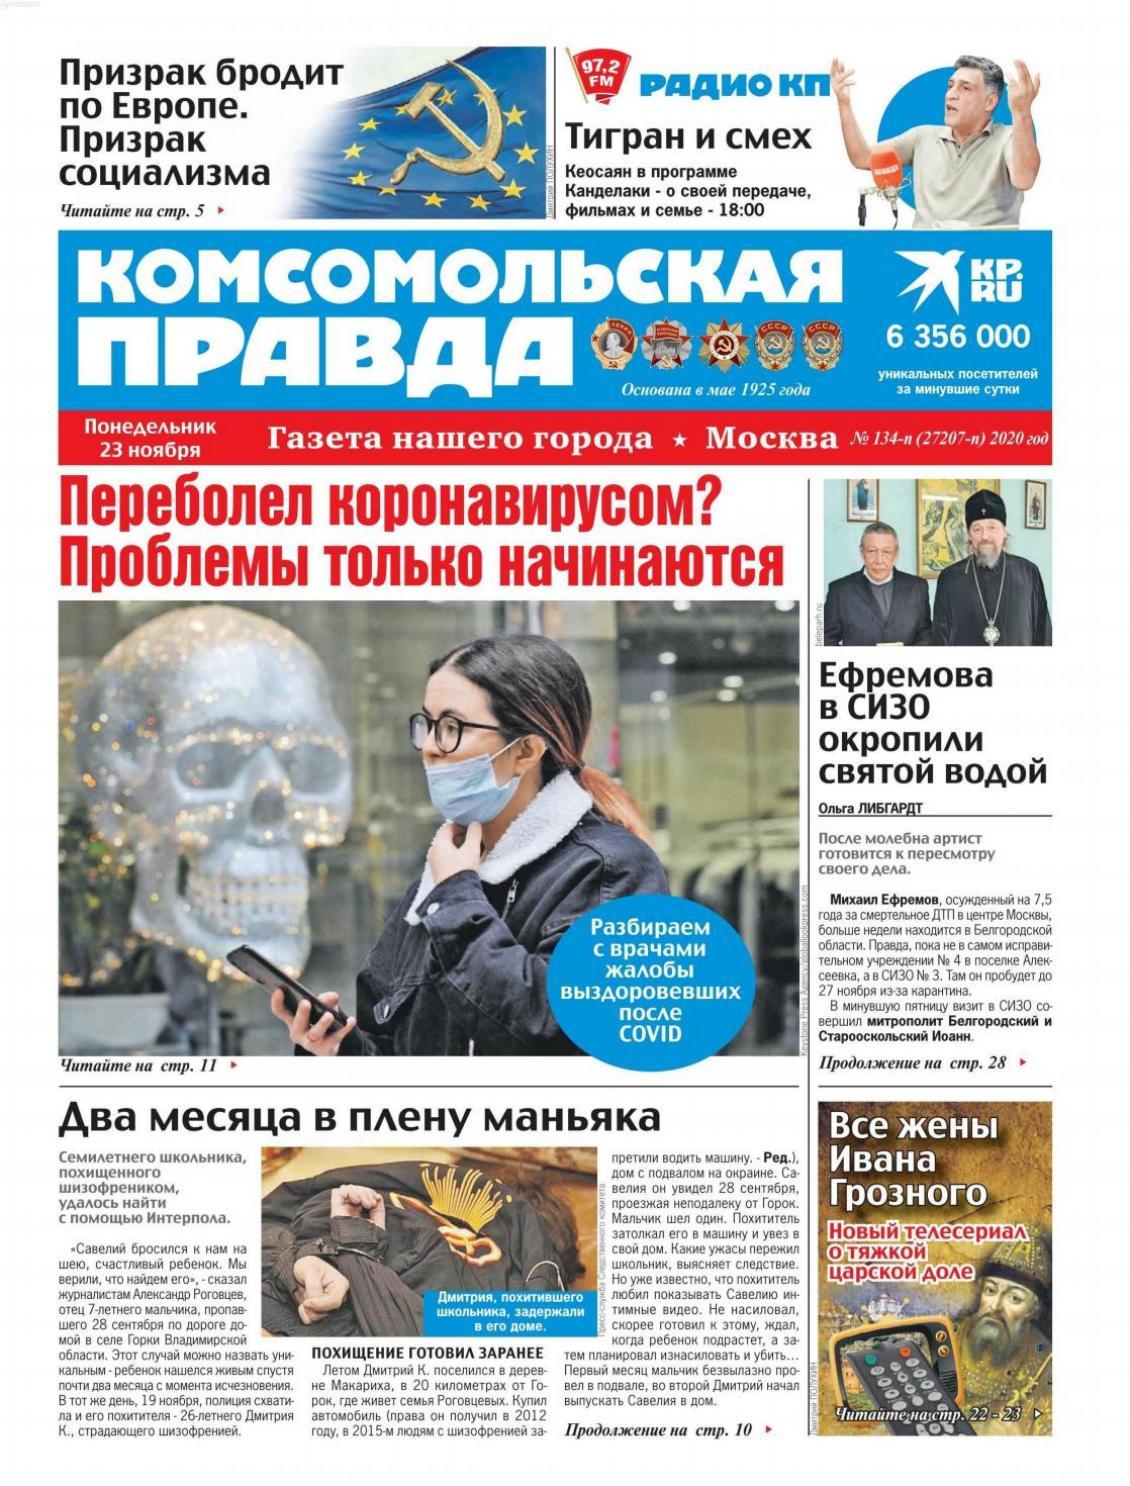 Комсомольская правда. Москва №134-п, ноябрь 2020